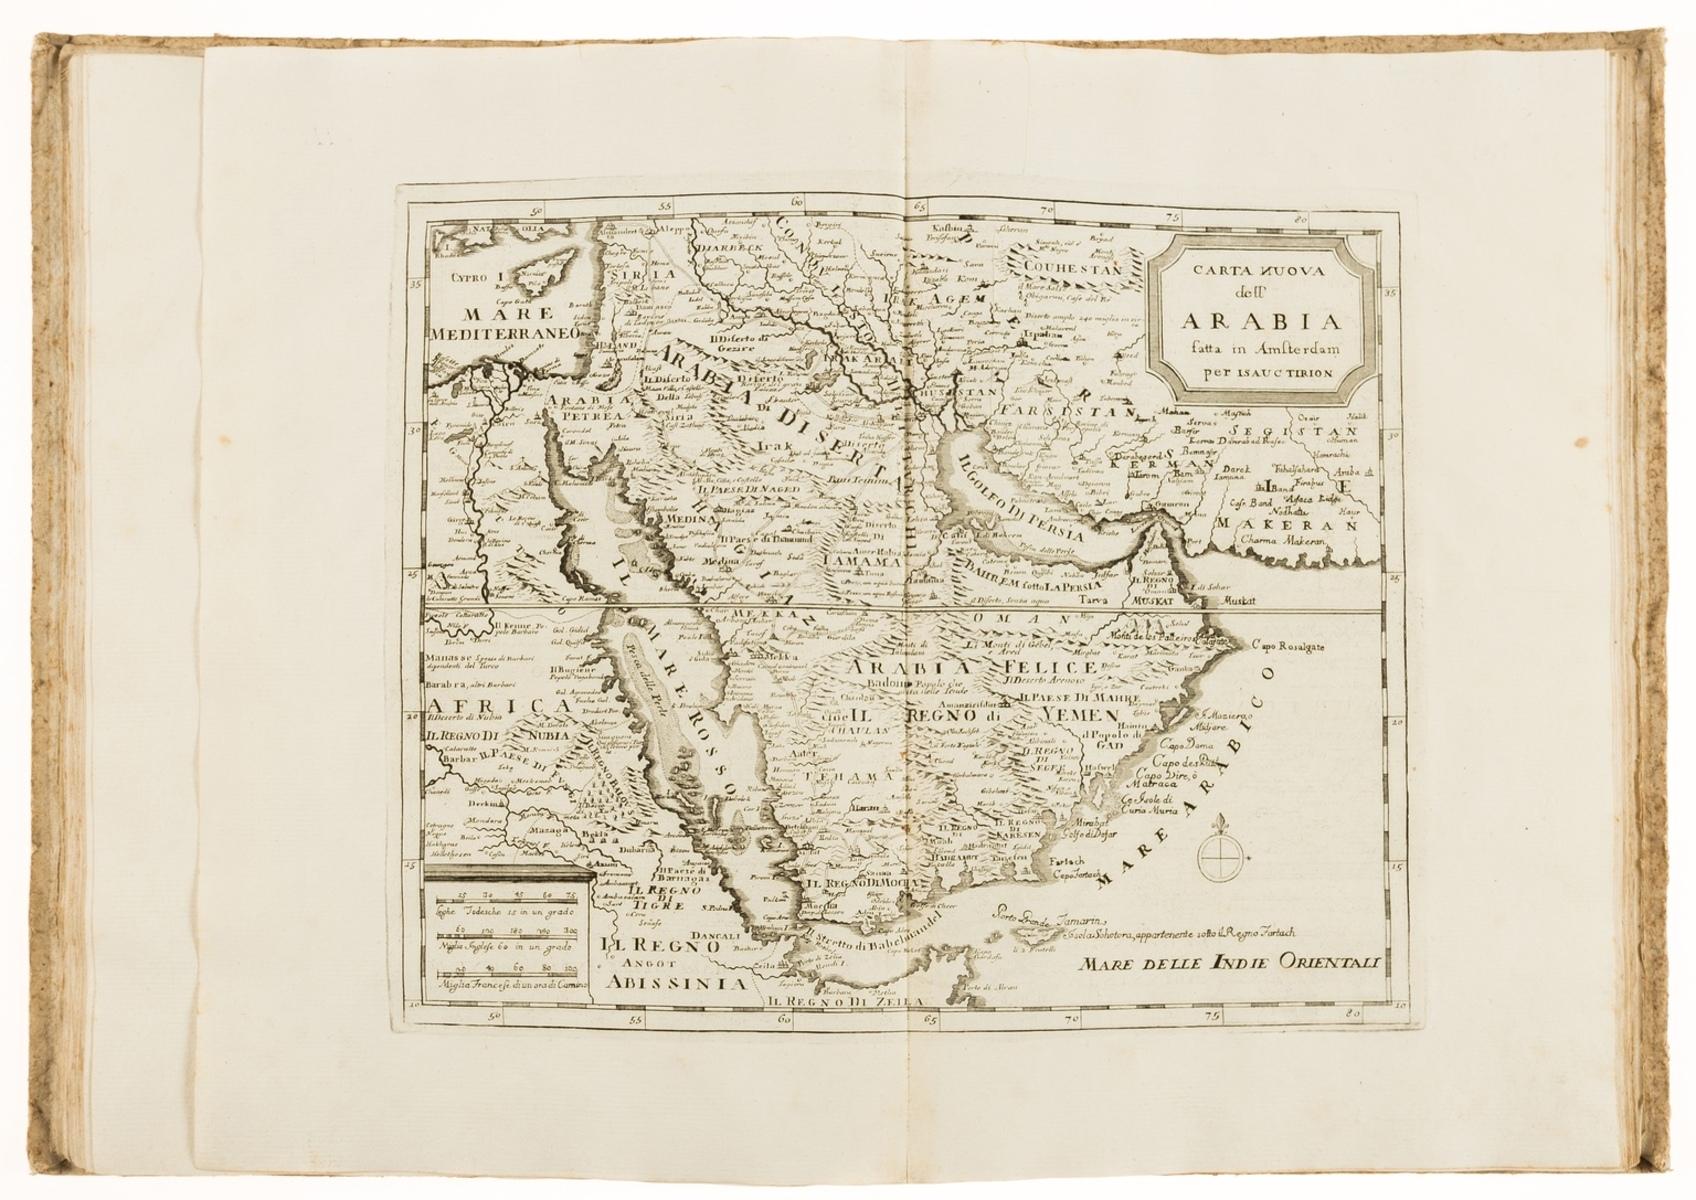 De L'Isle (Guillaume) Atlante novissimo che contiene tutte le parti del mondo, nel quale sono …